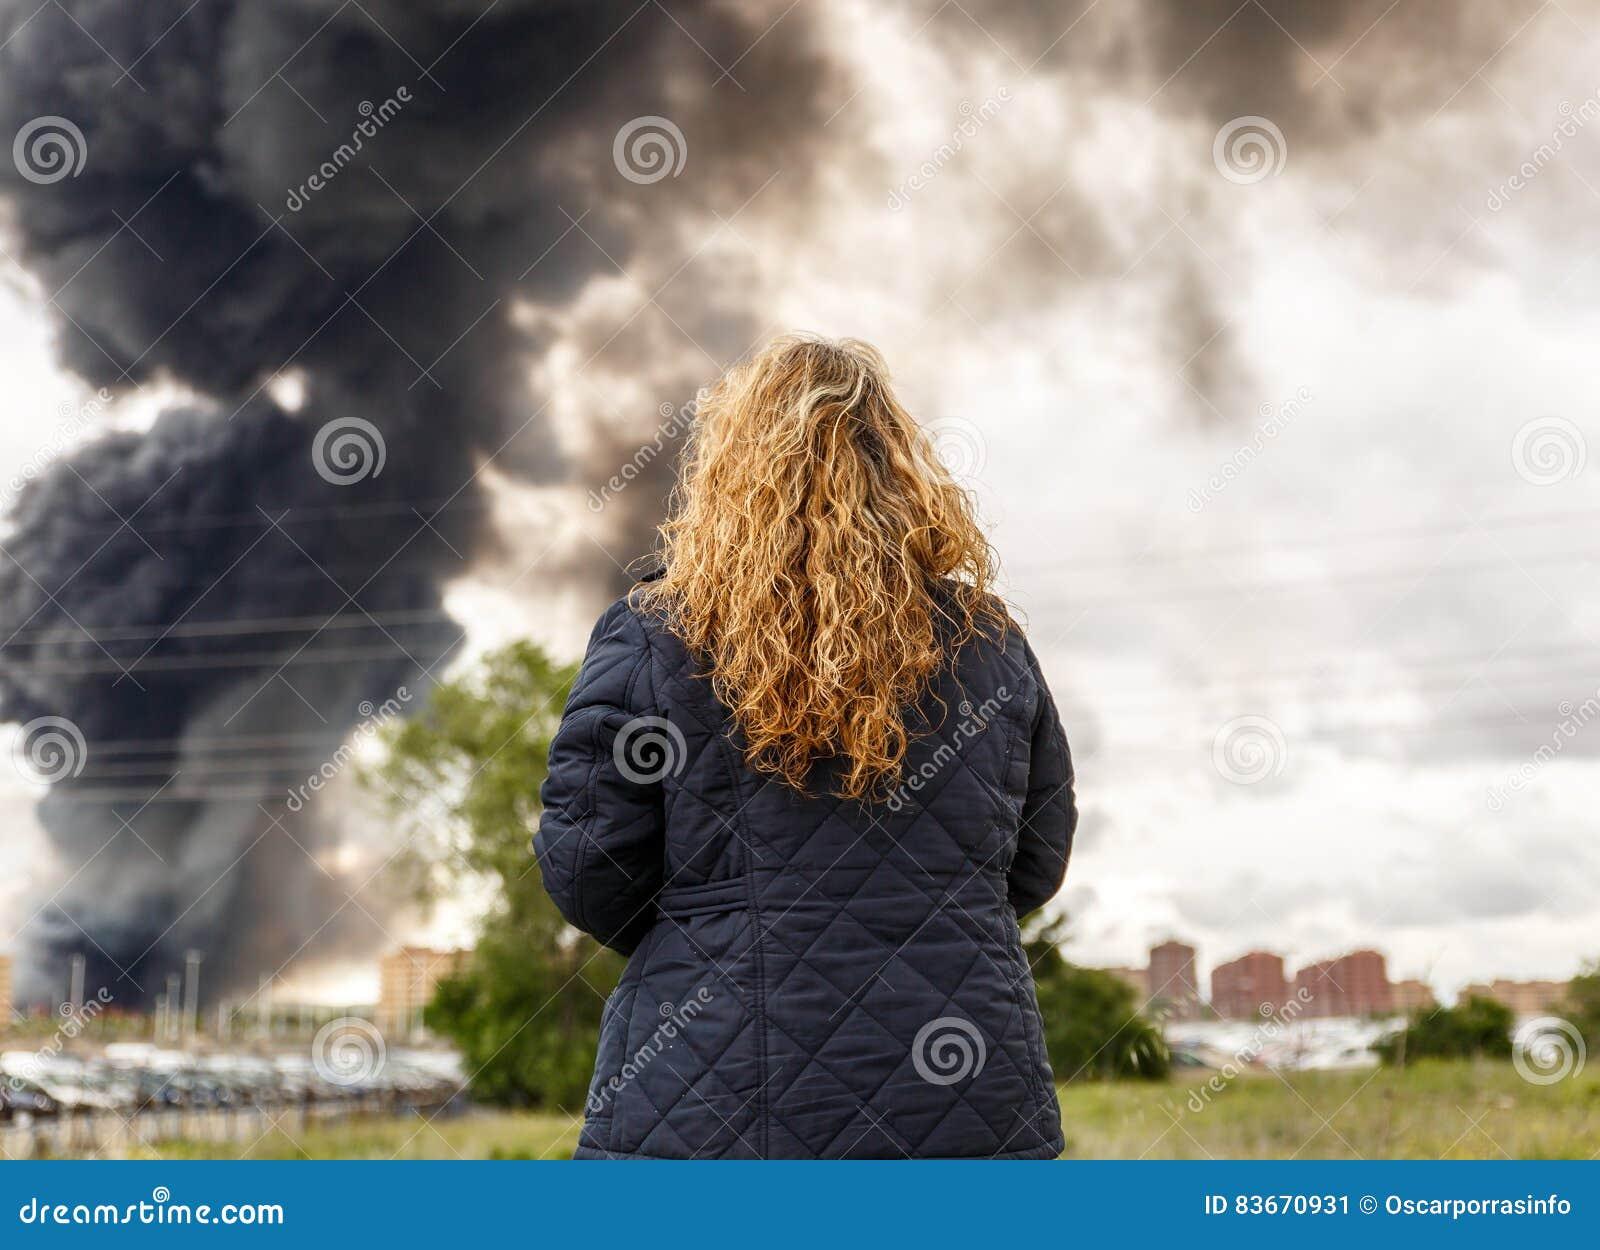 Kobieta obserwuje wielkiego dymnego przybycie od ogienia